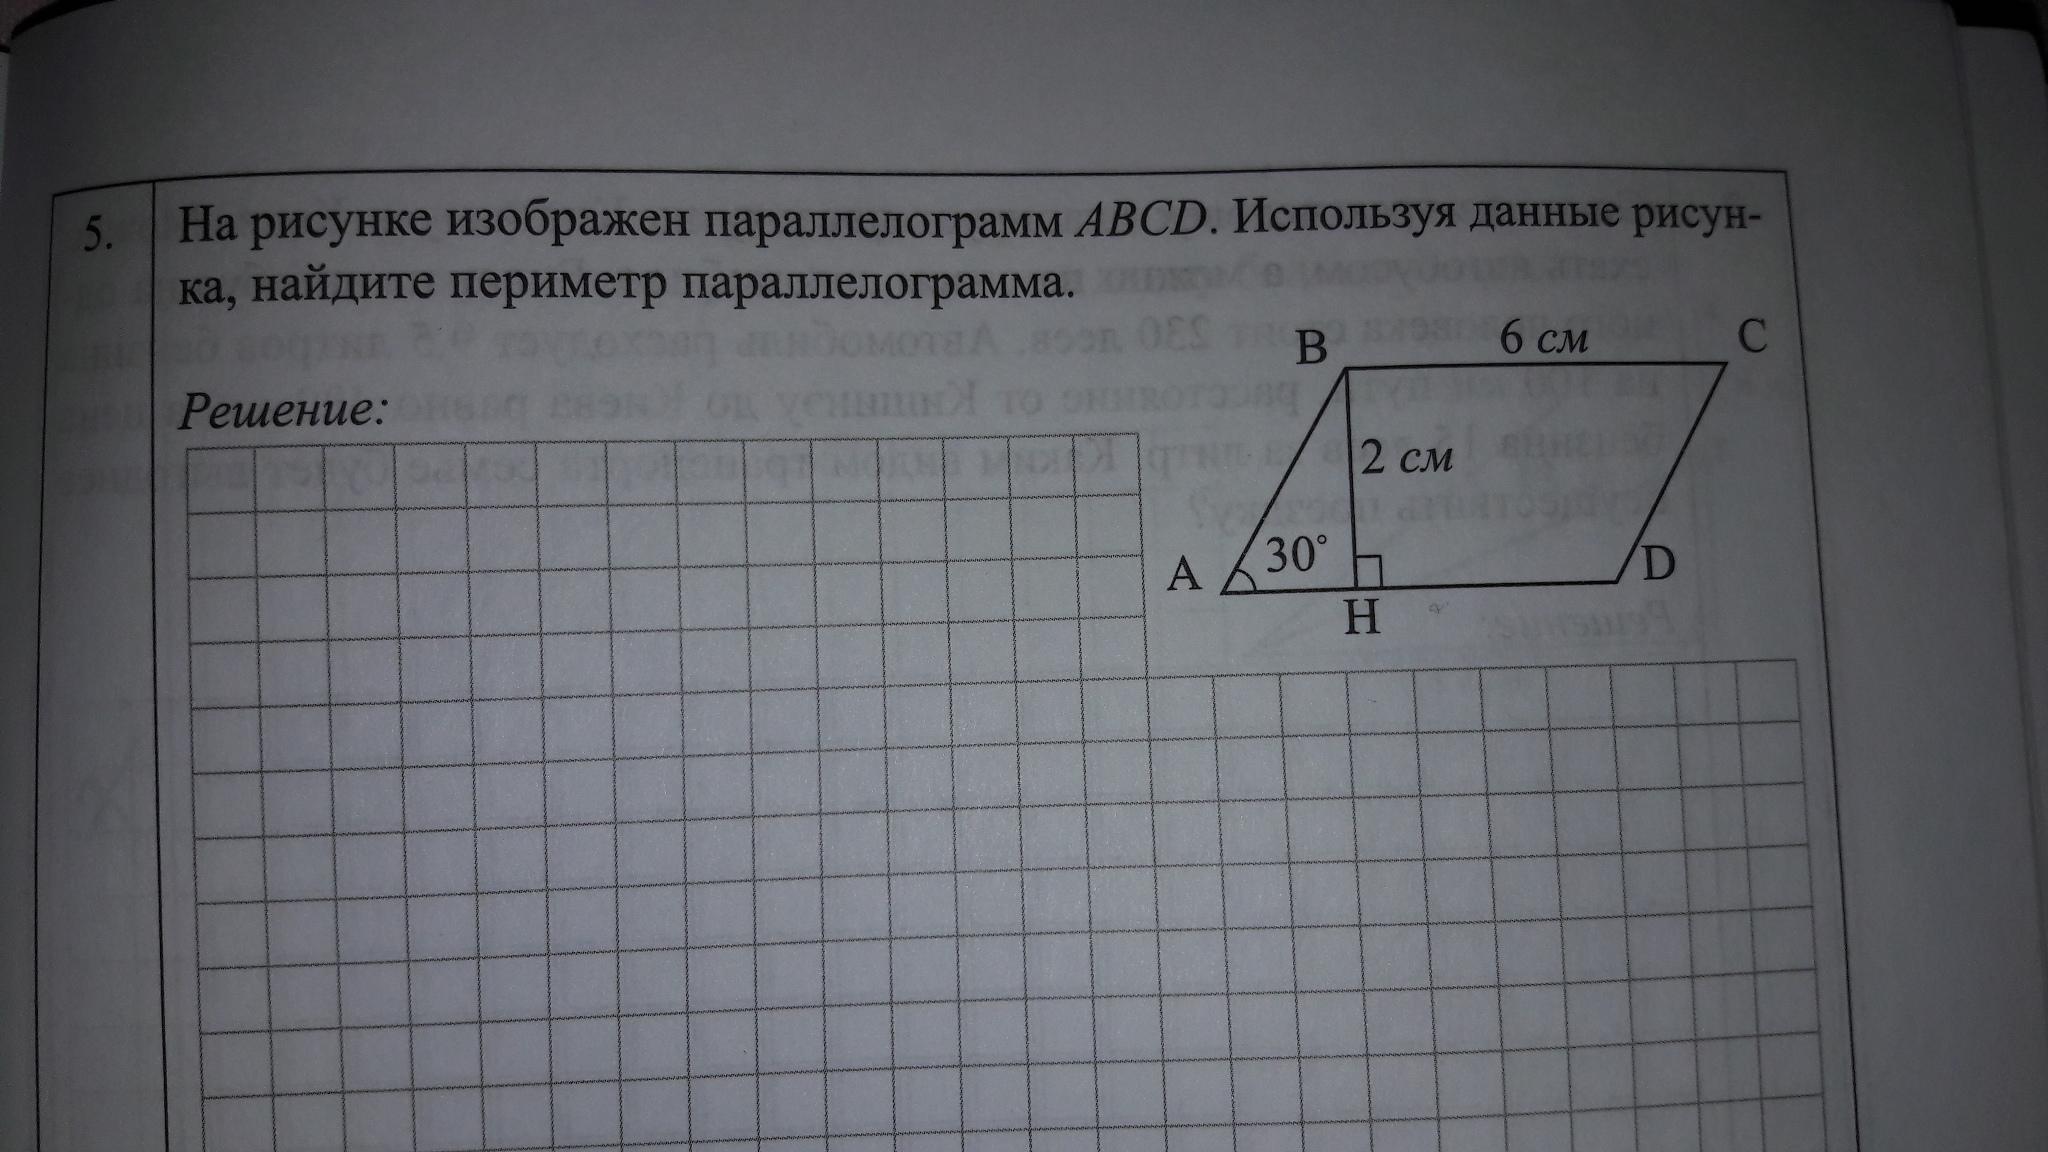 На рисунке изображен параллелограмм ABCD. Используя данные рисунка, найдите периметр параллелограмма.